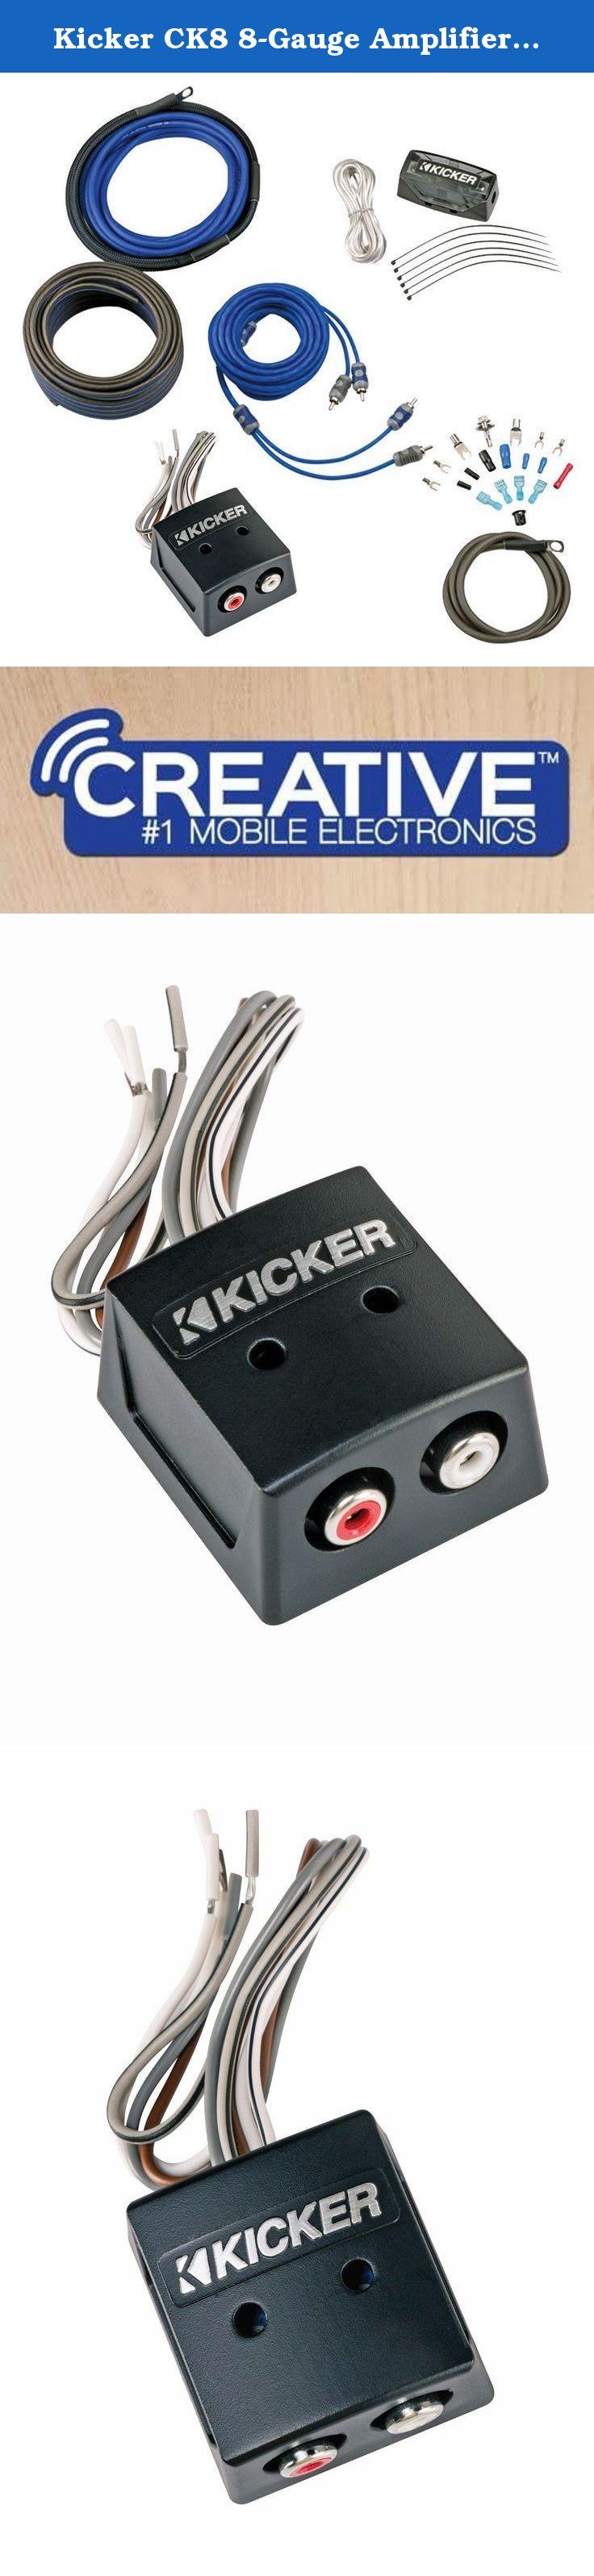 kicker ck gauge amplifier kit kisloc line output converter kicker ck8 8 gauge amplifier kit kisloc line output converter for factory radio integration